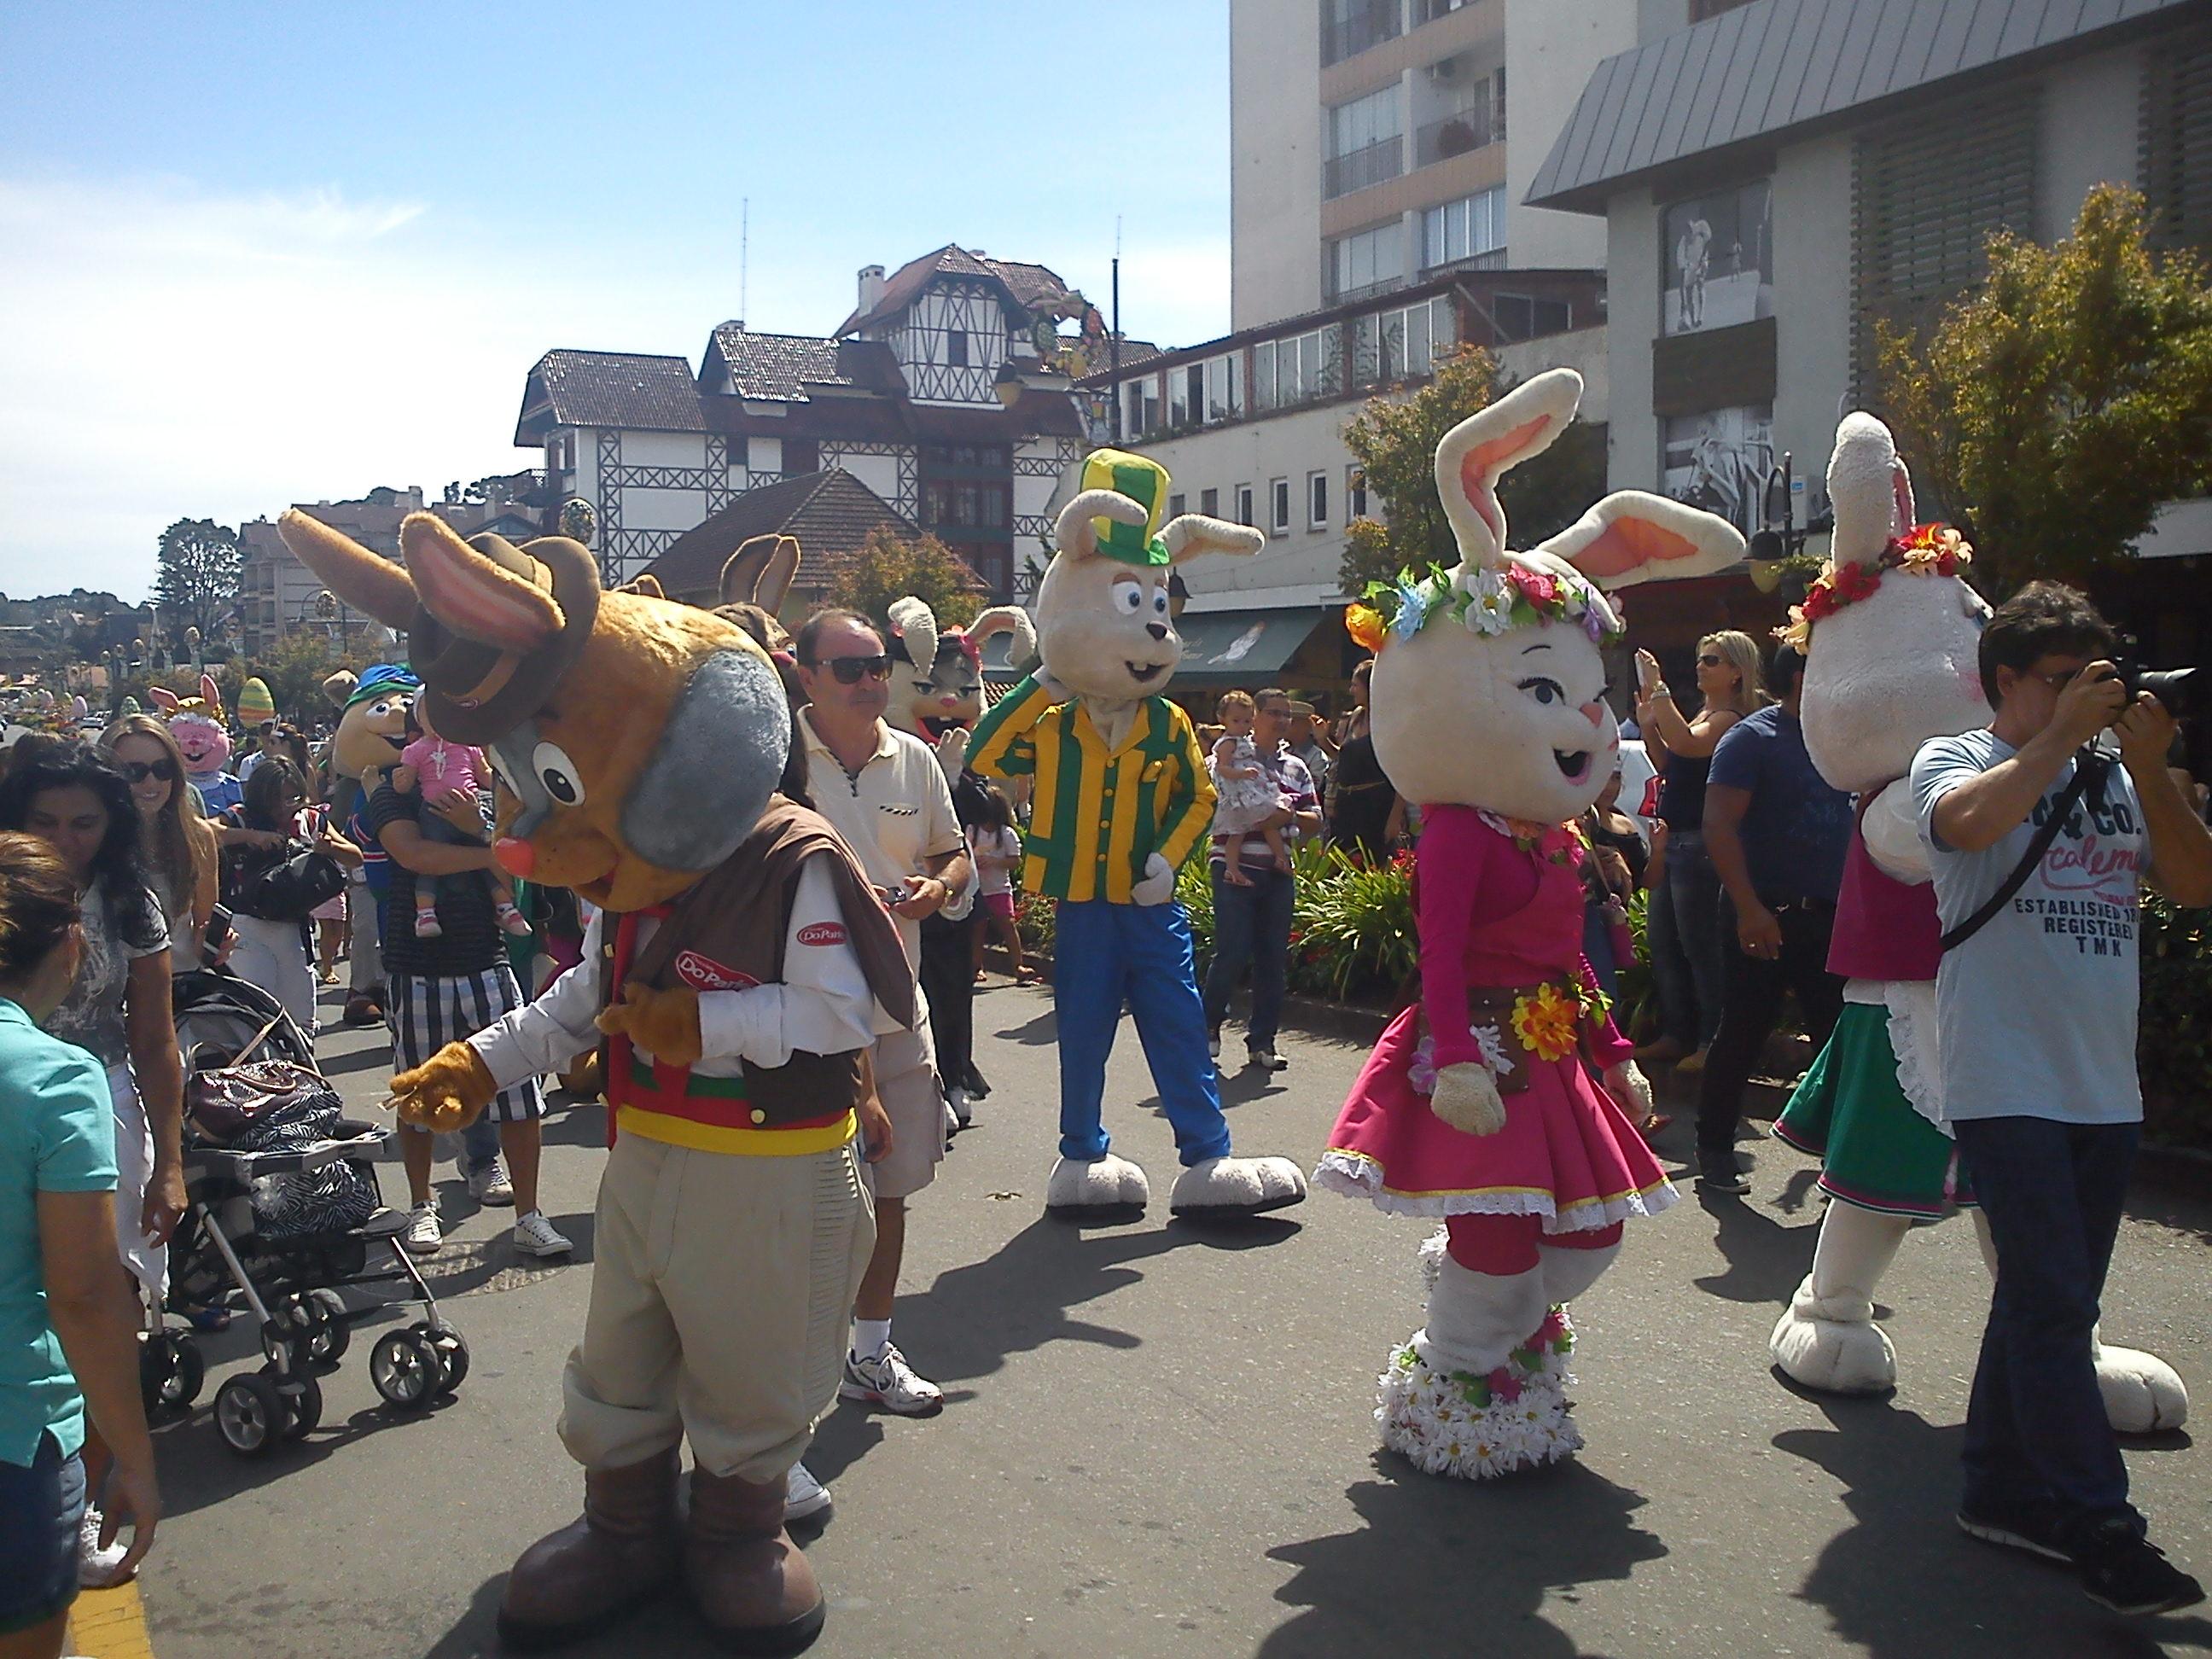 Desfile da Chocofest com coelhos.